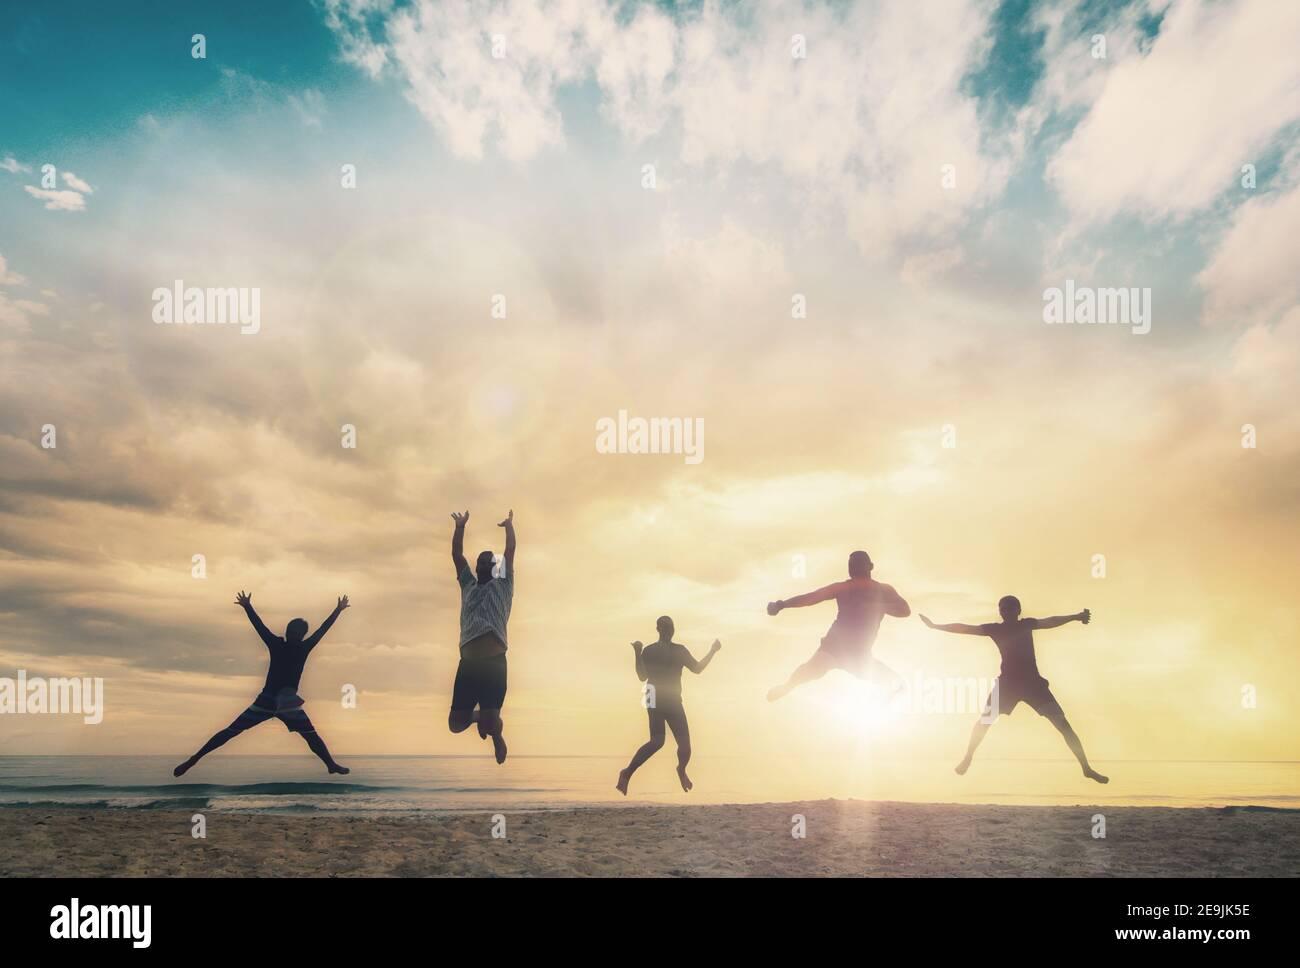 Famiglia felice gruppo di persone celebrare salto per una buona vita sul concetto di fine settimana per vincere la vittoria, persona fede in libertà finanziaria benessere sano, Grande Foto Stock